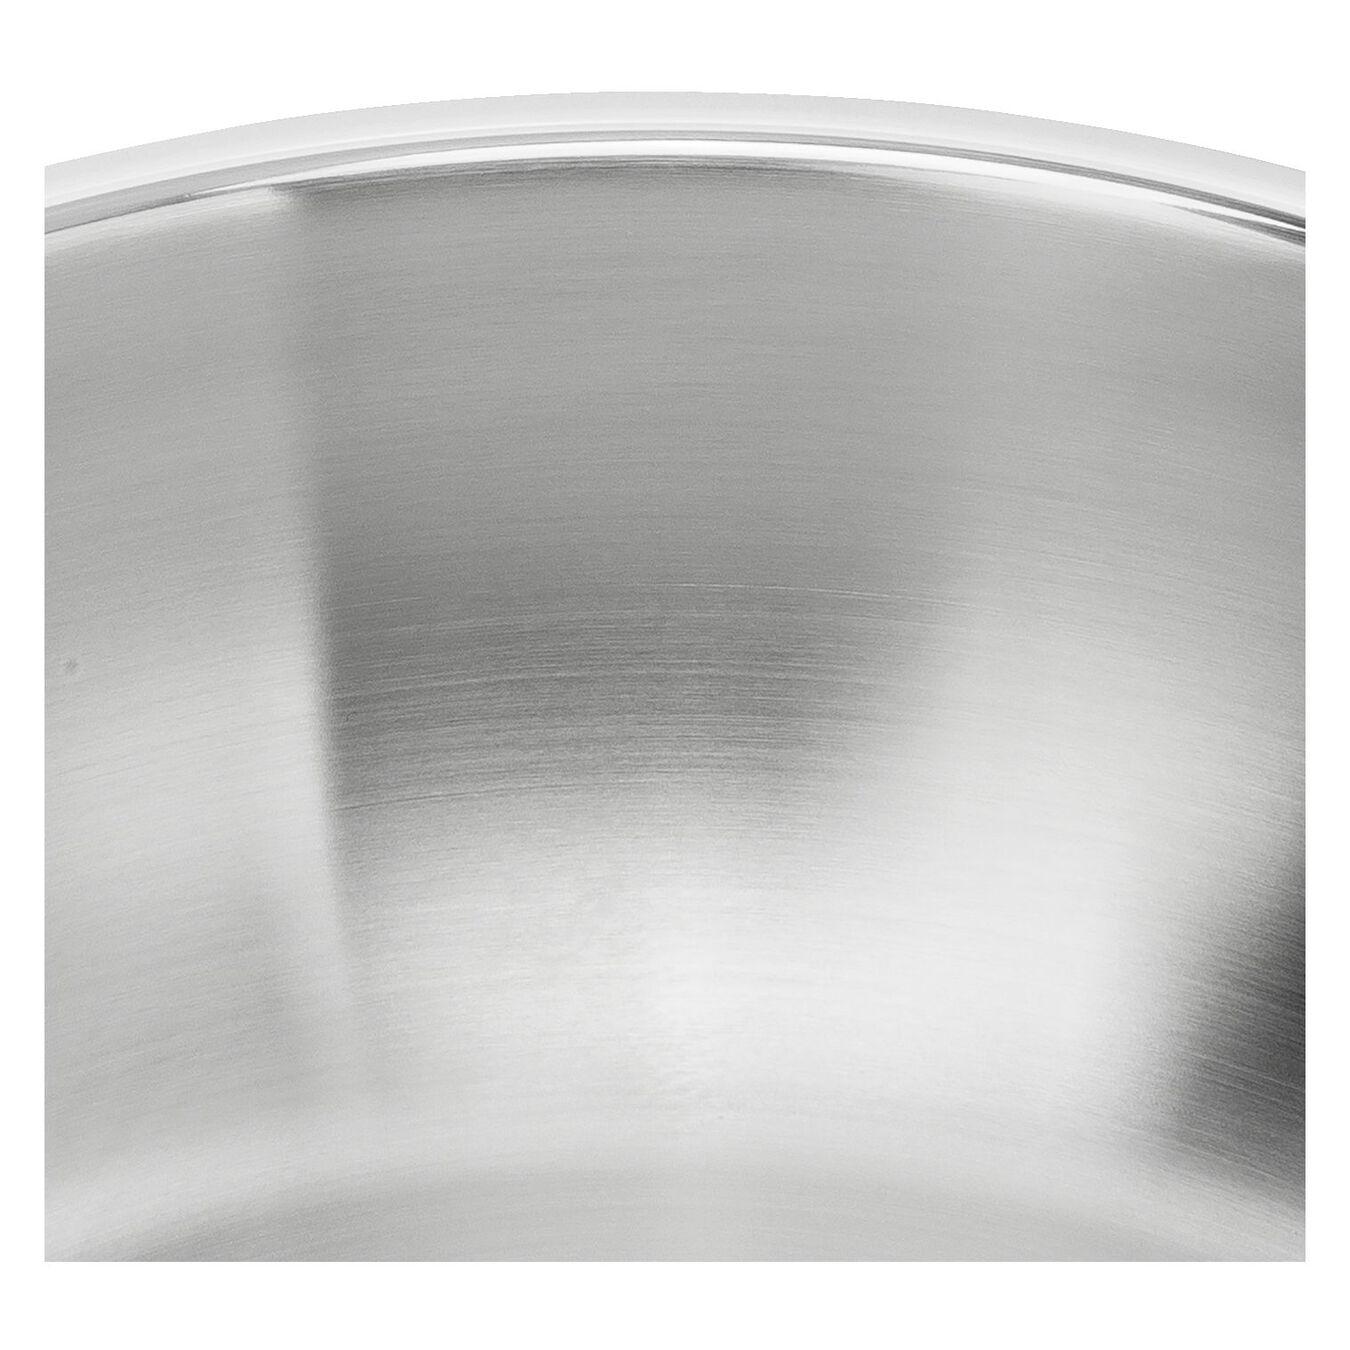 Wok - 30 cm, 18/10 acciaio inossidabile,,large 4